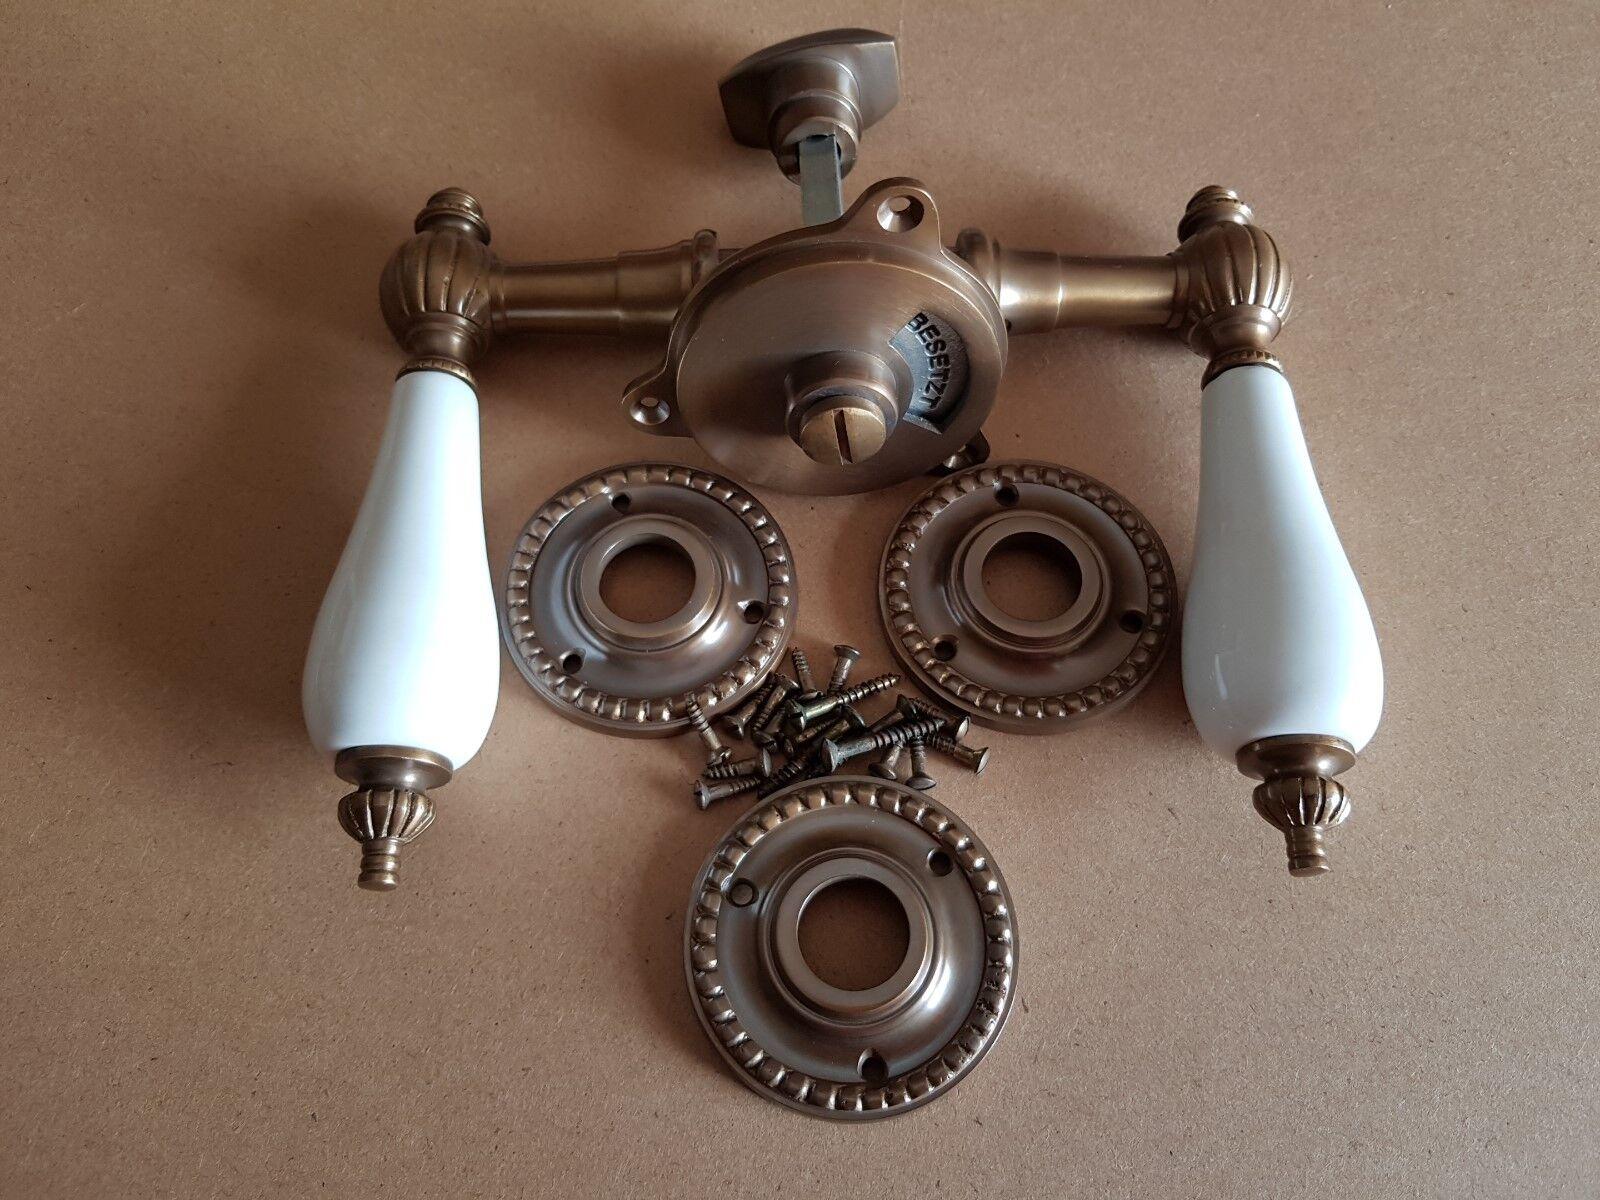 Messing Antik Klo Türgriff  WC Toiletten Rosatten Türbeschläge R20A-W  | Schnelle Lieferung  | Luxus  | Qualität  | Exquisite Handwerkskunst